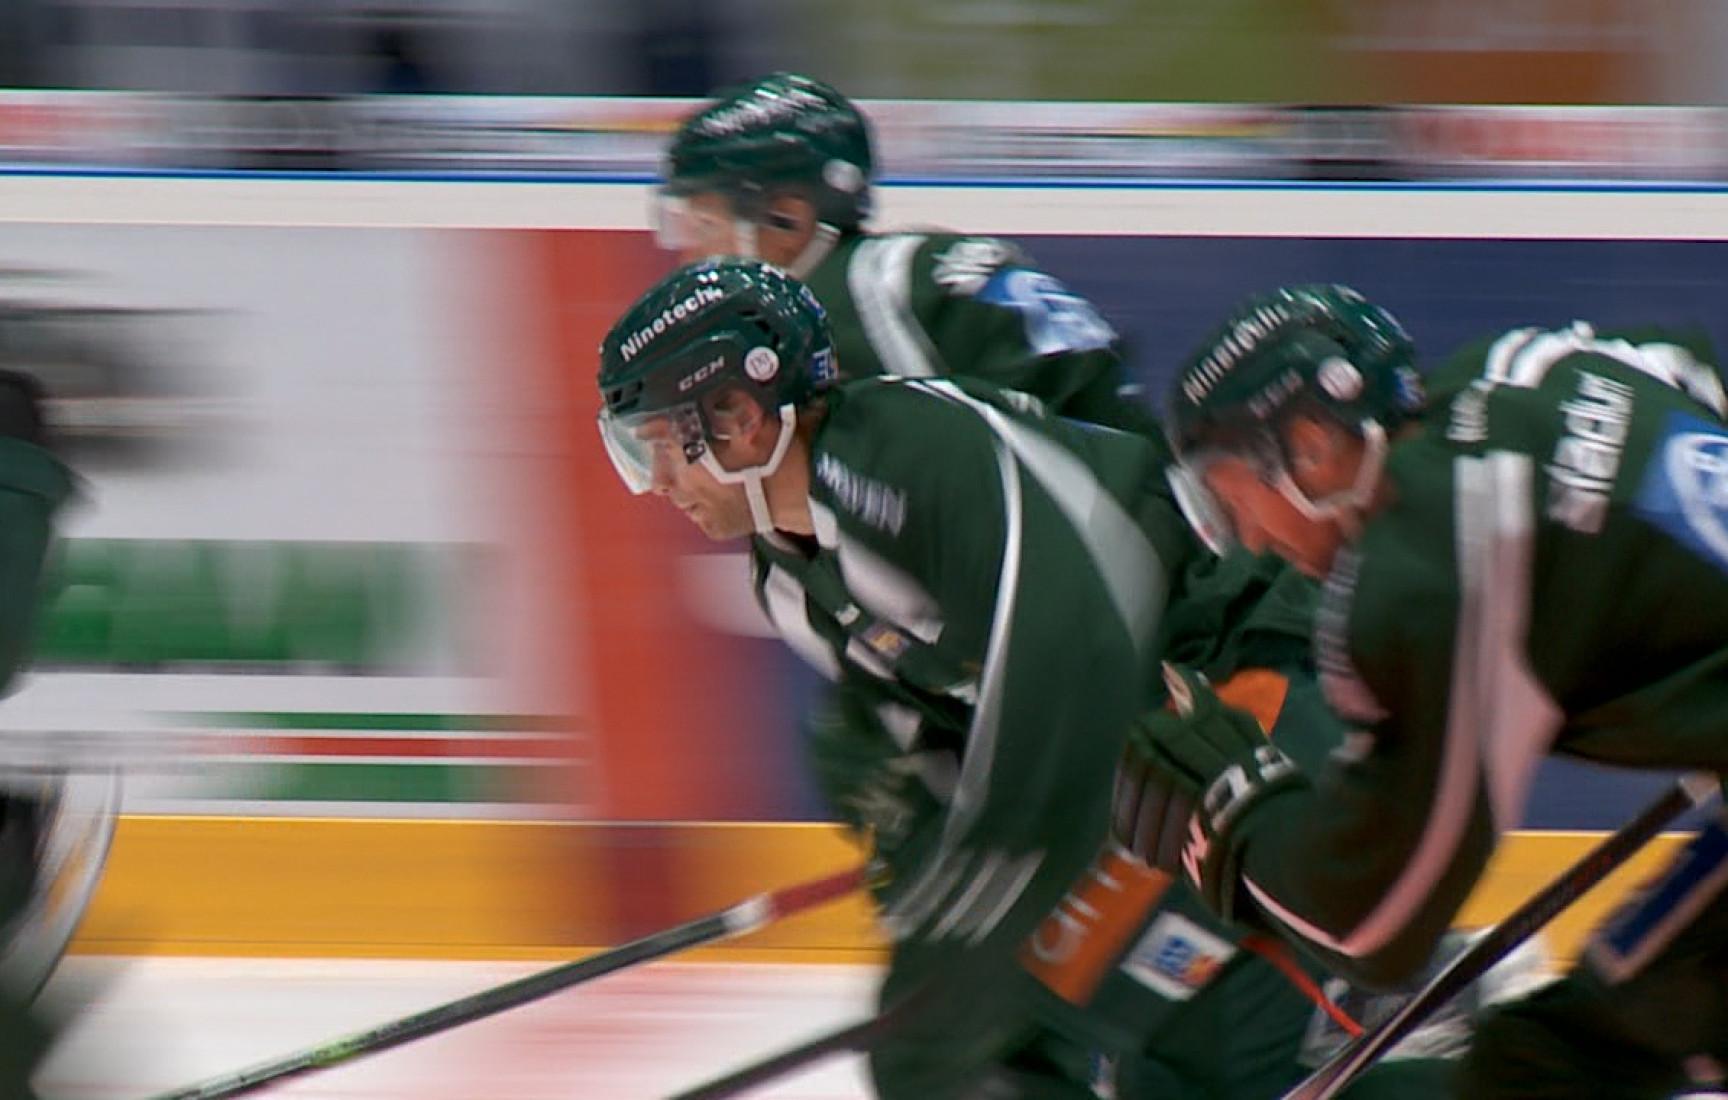 Glimt Sport – Leif Carlsson